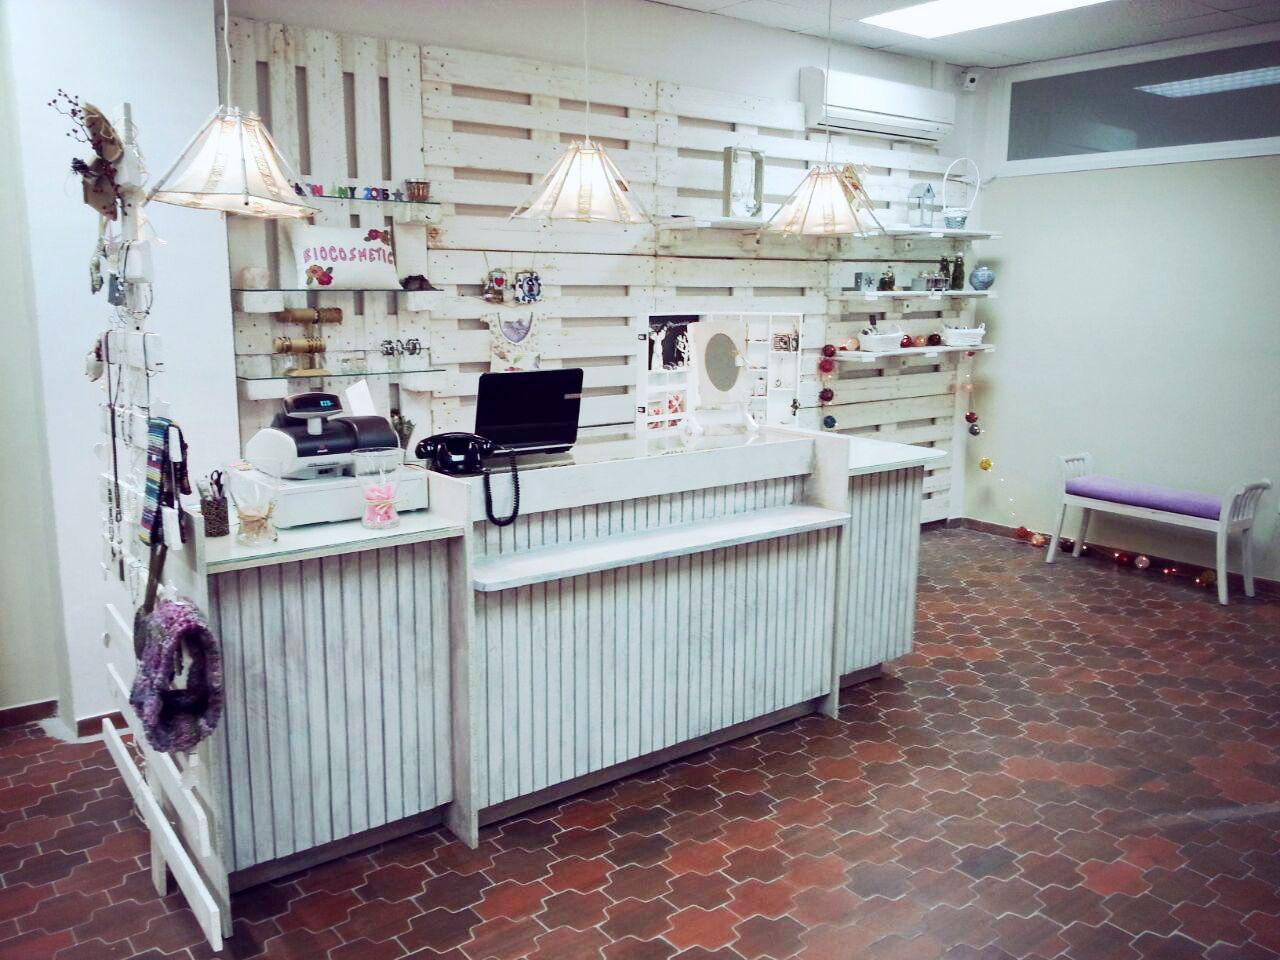 Te Atreves A Decorar Tu Tienda Con Palets Local Pinterest  # Muebles Necesarios Para Una Tienda De Ropa